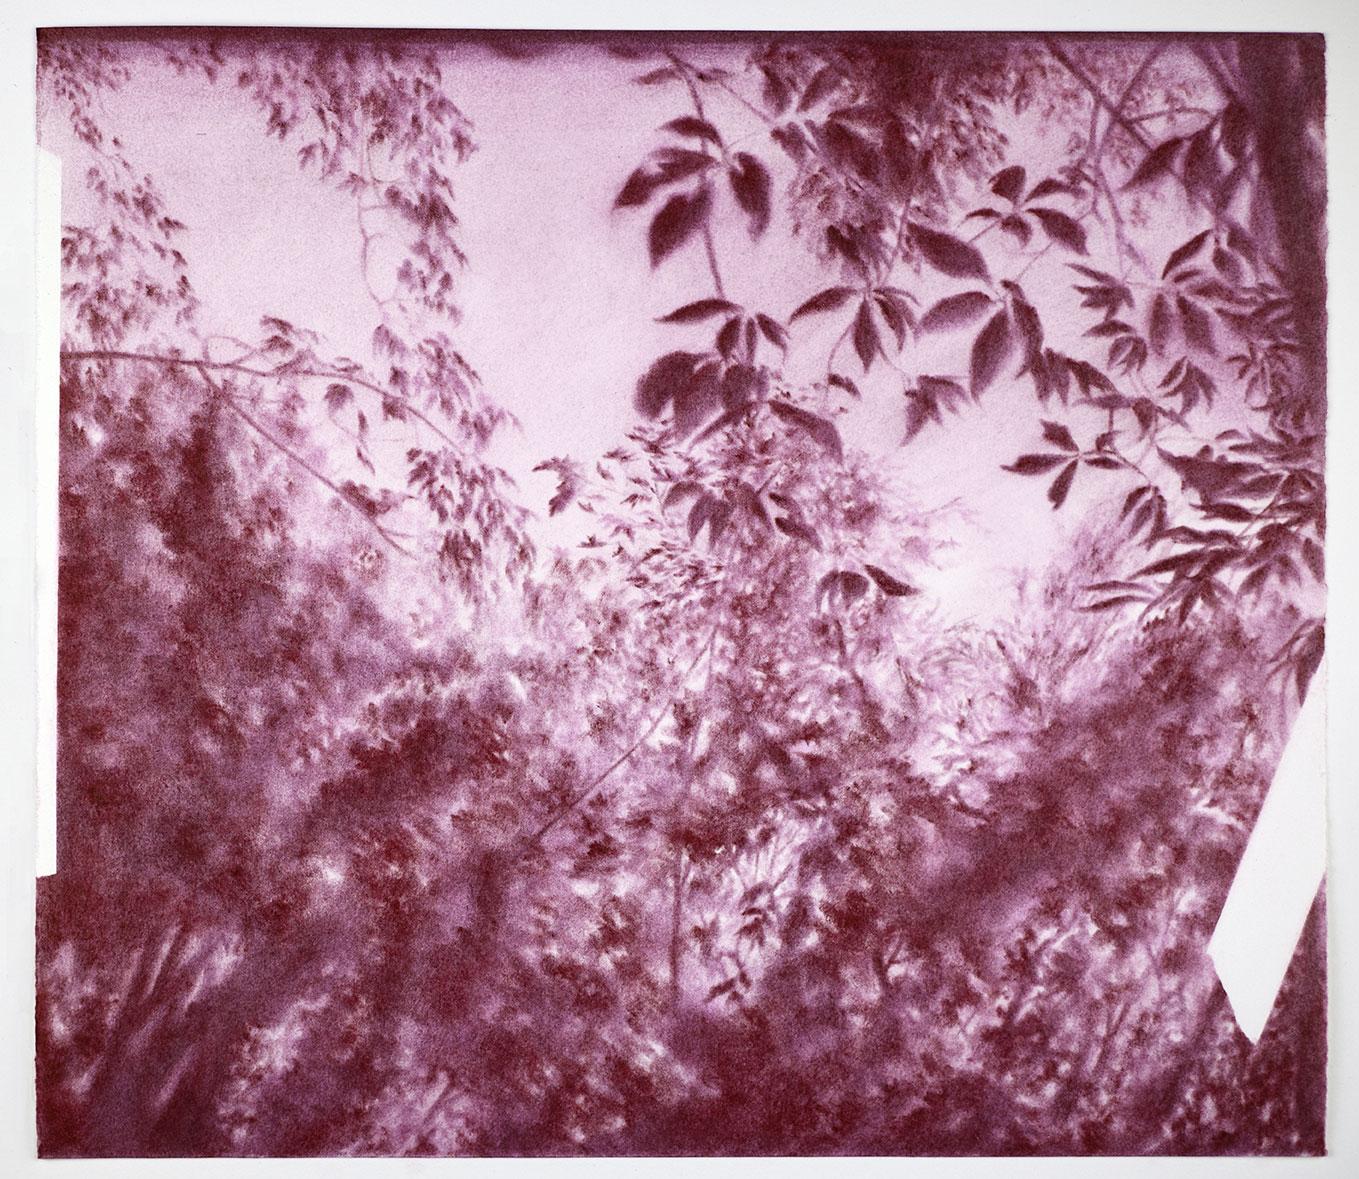 """Andréanne Godin,  Poussière de crépuscule ( from the series  Une promenade avec Pierre),  2016, dry pigments (violet quinachridone) on Arches paper, 13"""" x 15"""" (33 x 38 cm)"""